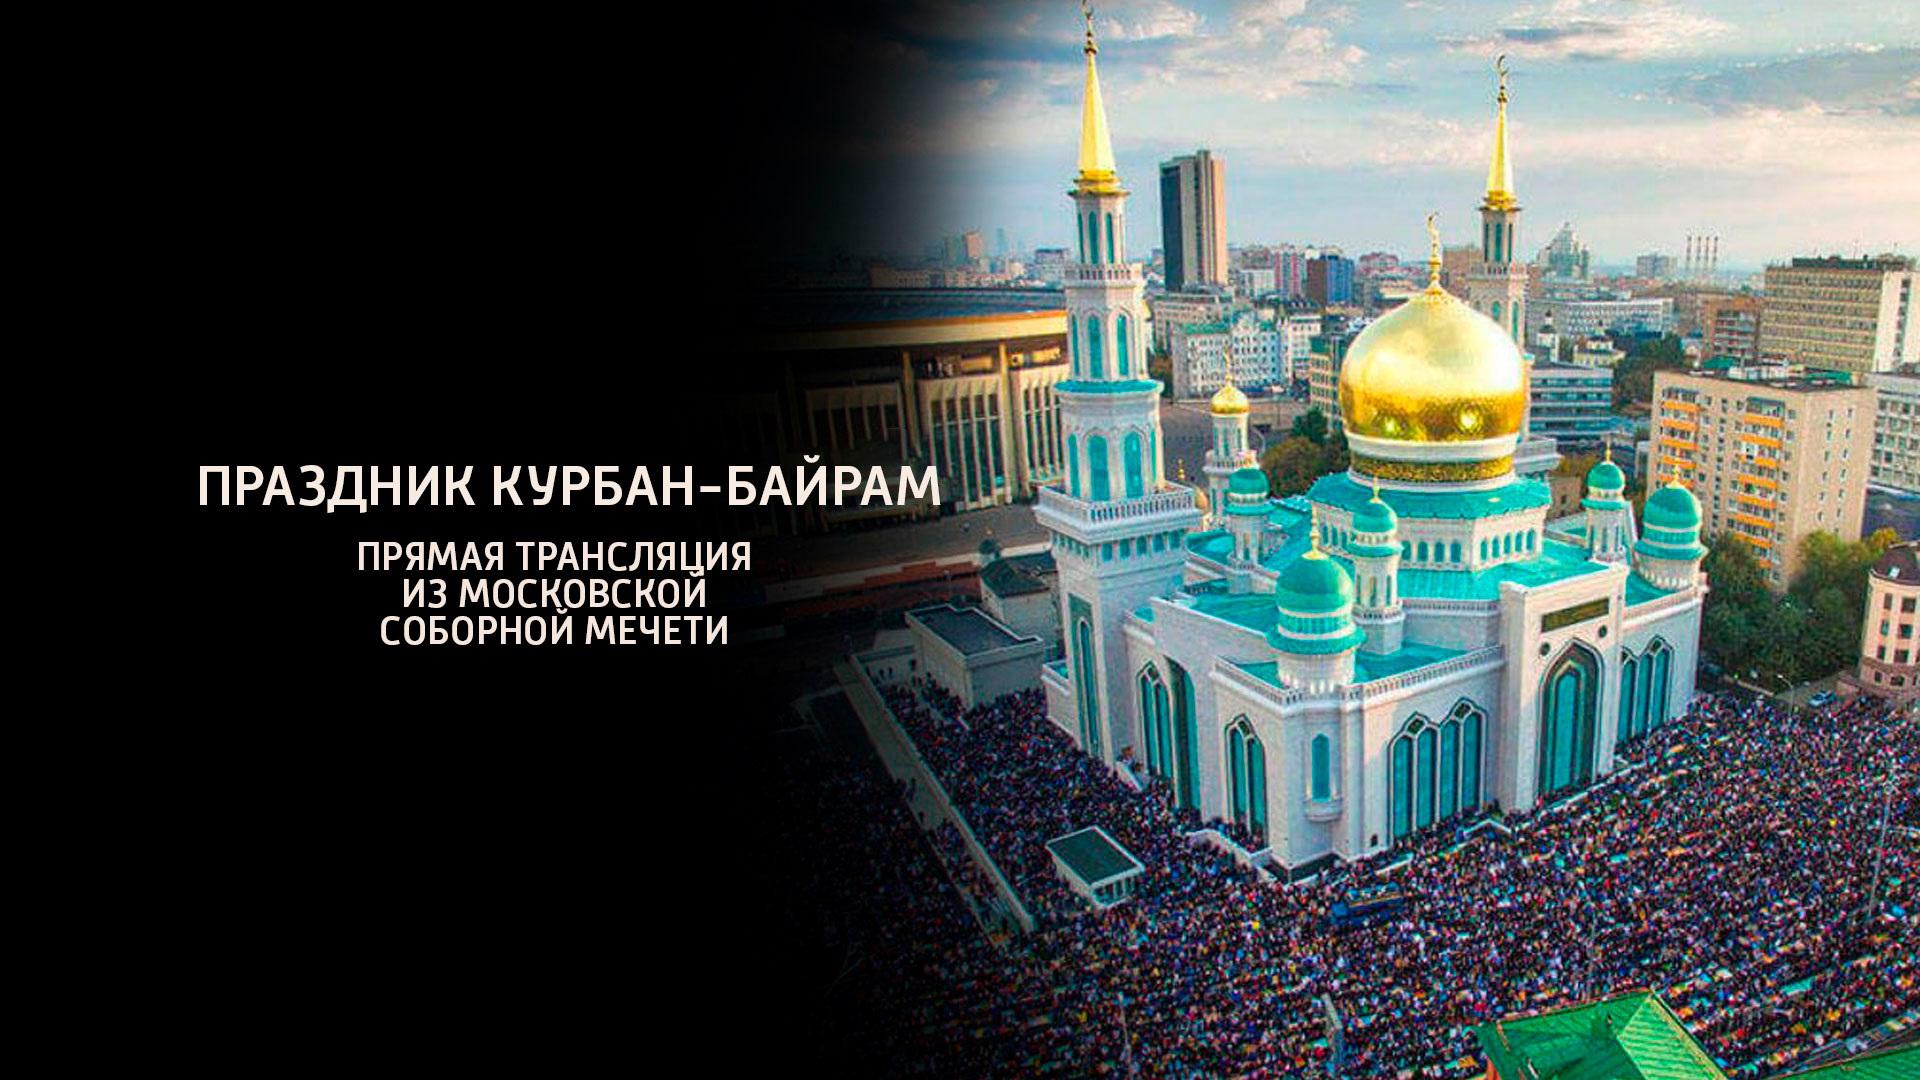 Праздник Курбан-Байрам. Прямая трансляция из Московской Соборной мечети